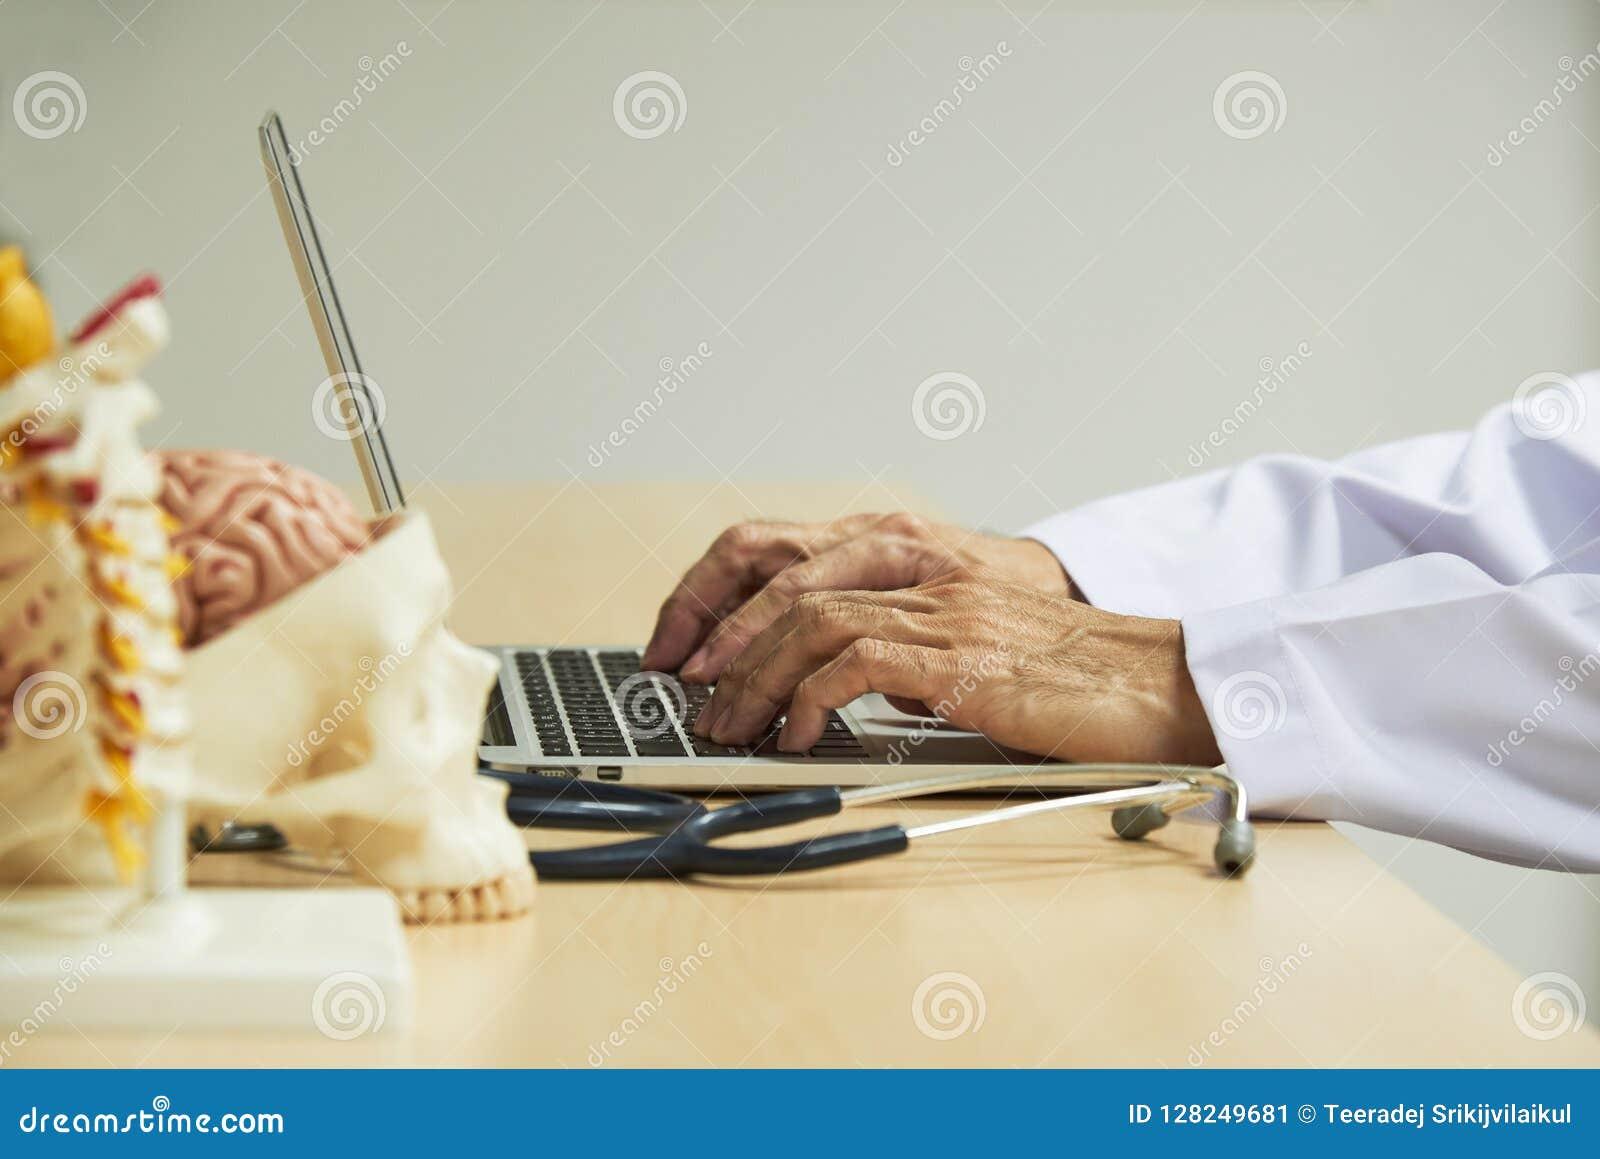 Schreibenlaptop-computer Doktors auf dem Schreibtisch